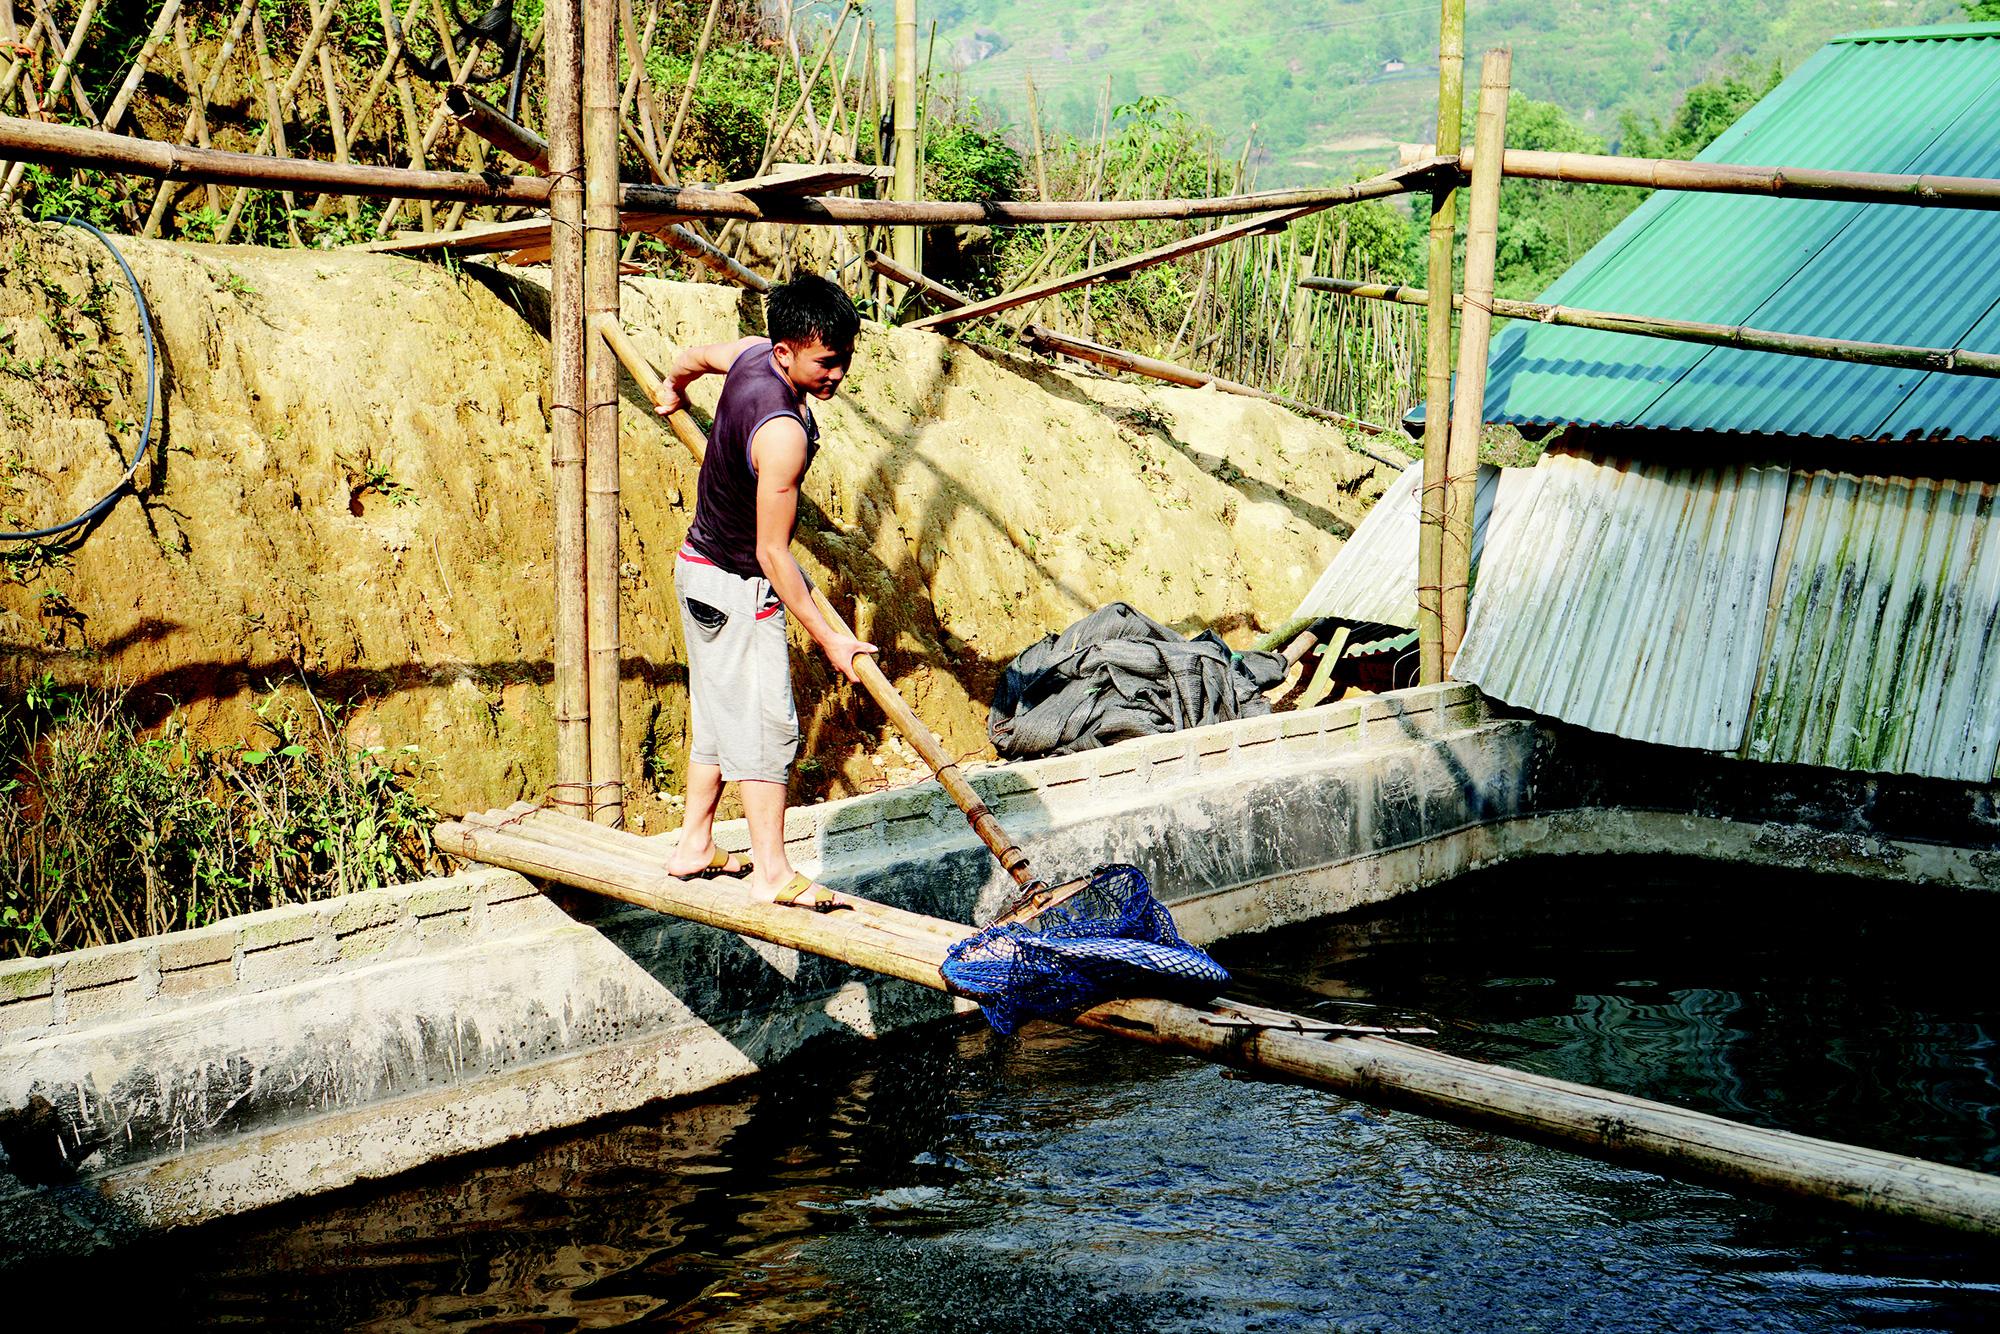 Trang trại cá nước lạnh đã tạo công ăn việc làm ổn định cho một số lao động địa phương.